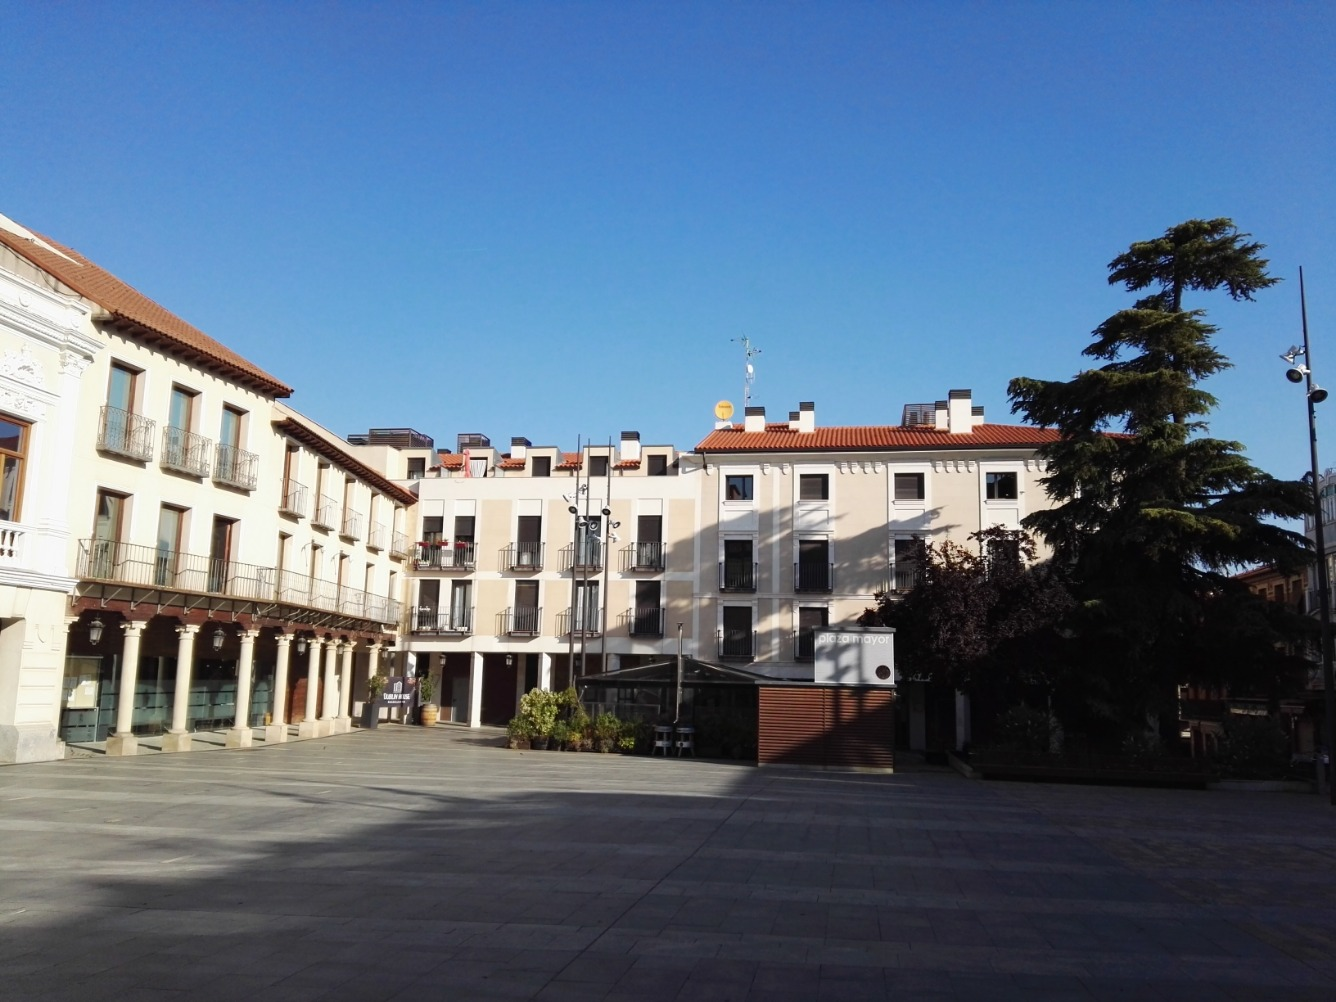 Pisos de obra nueva en el centro de Guadalajara